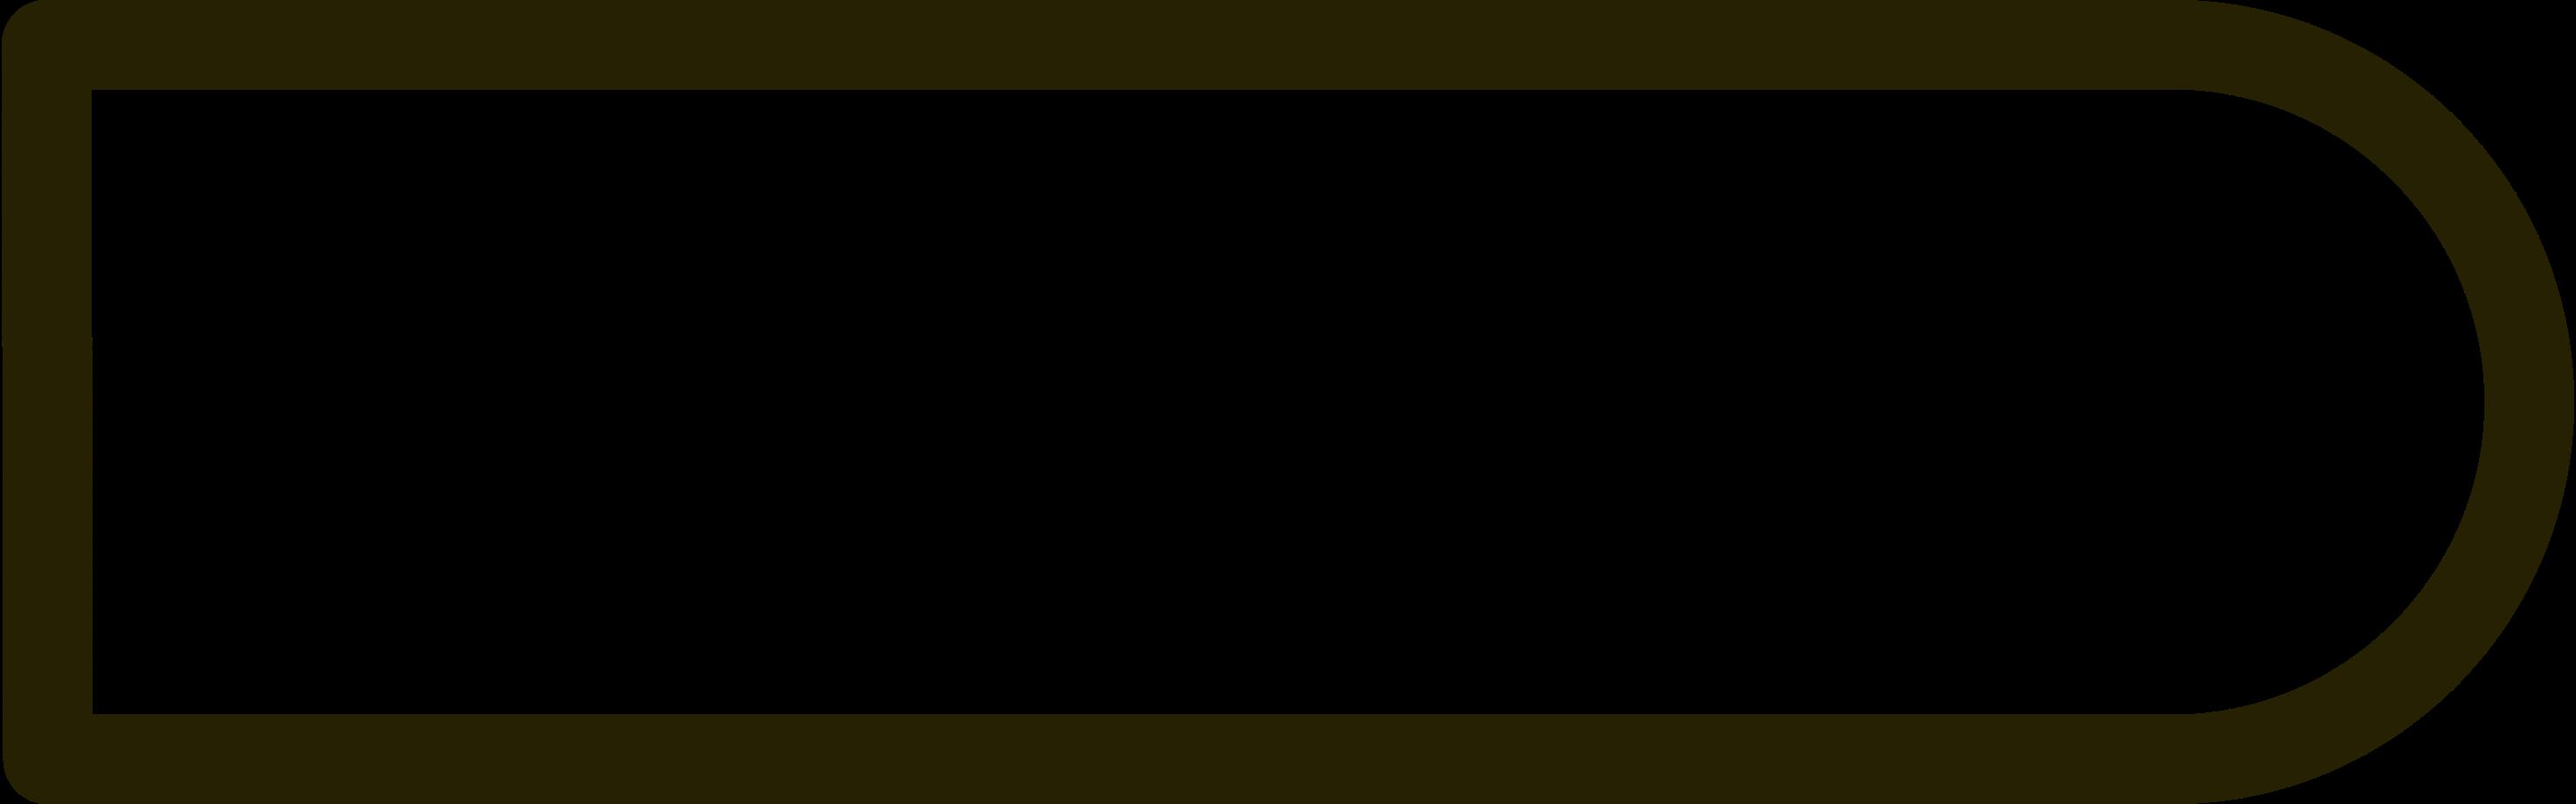 Buch Clipart-Grafik als PNG, SVG